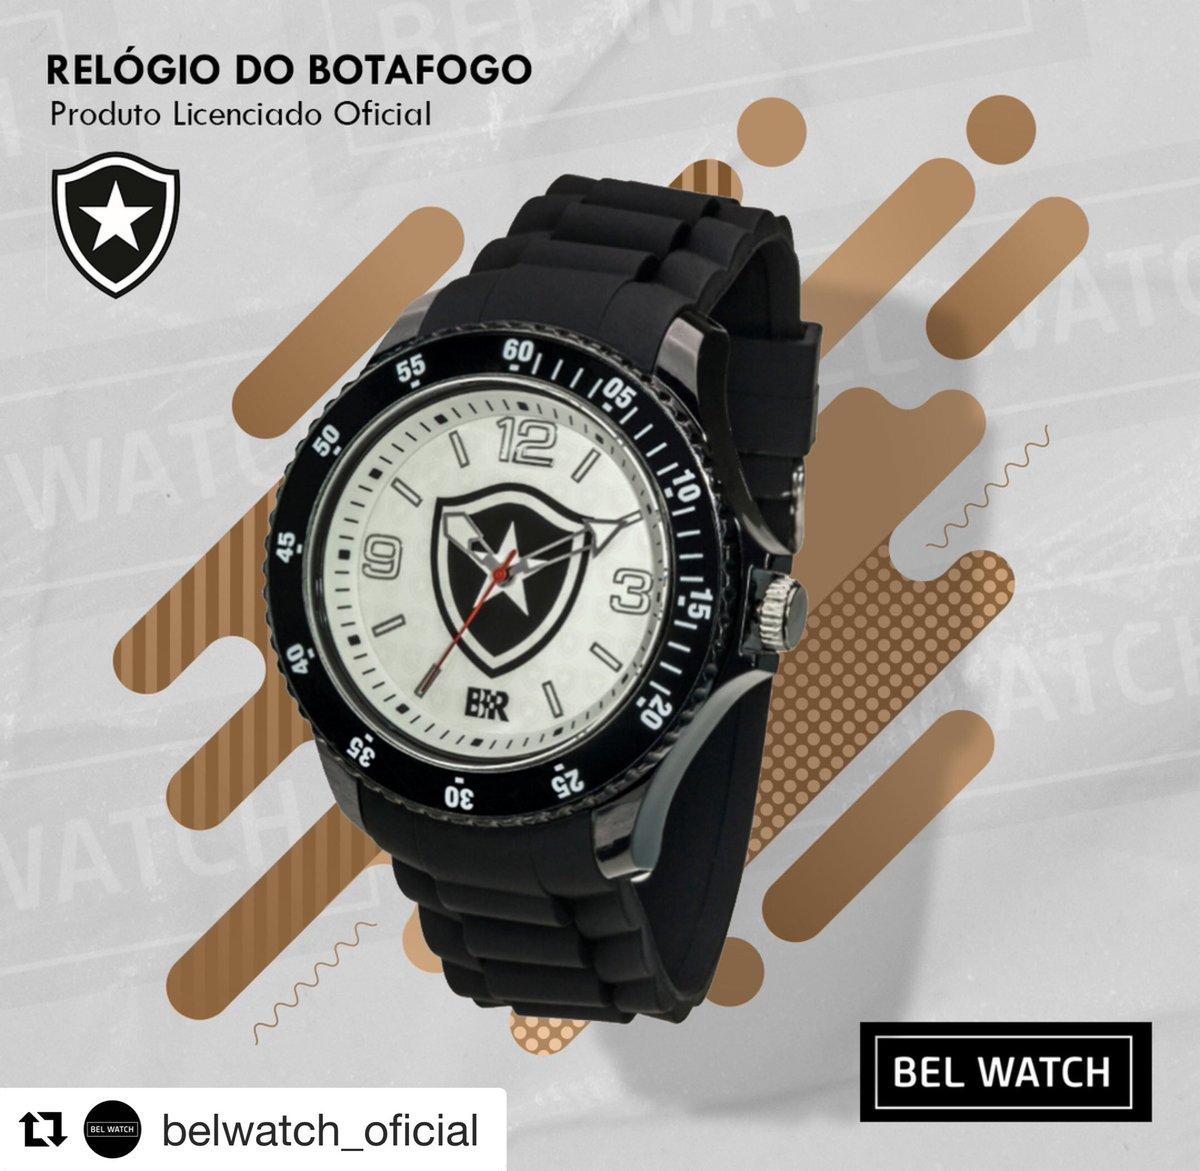 Irados!  #Repost belwatch_oficial  ・・・ Relógios oficiais exclusivos para os apaixonados pelo FOGÃO! @botafogo  ⠀  #relogios #watches #esporte #sportwear #modaesporte #acessorios #futebol #torcida #times #belwatch #exclusividade  http://www.belwatch.com.brpic.twitter.com/GlLj9RIB7q